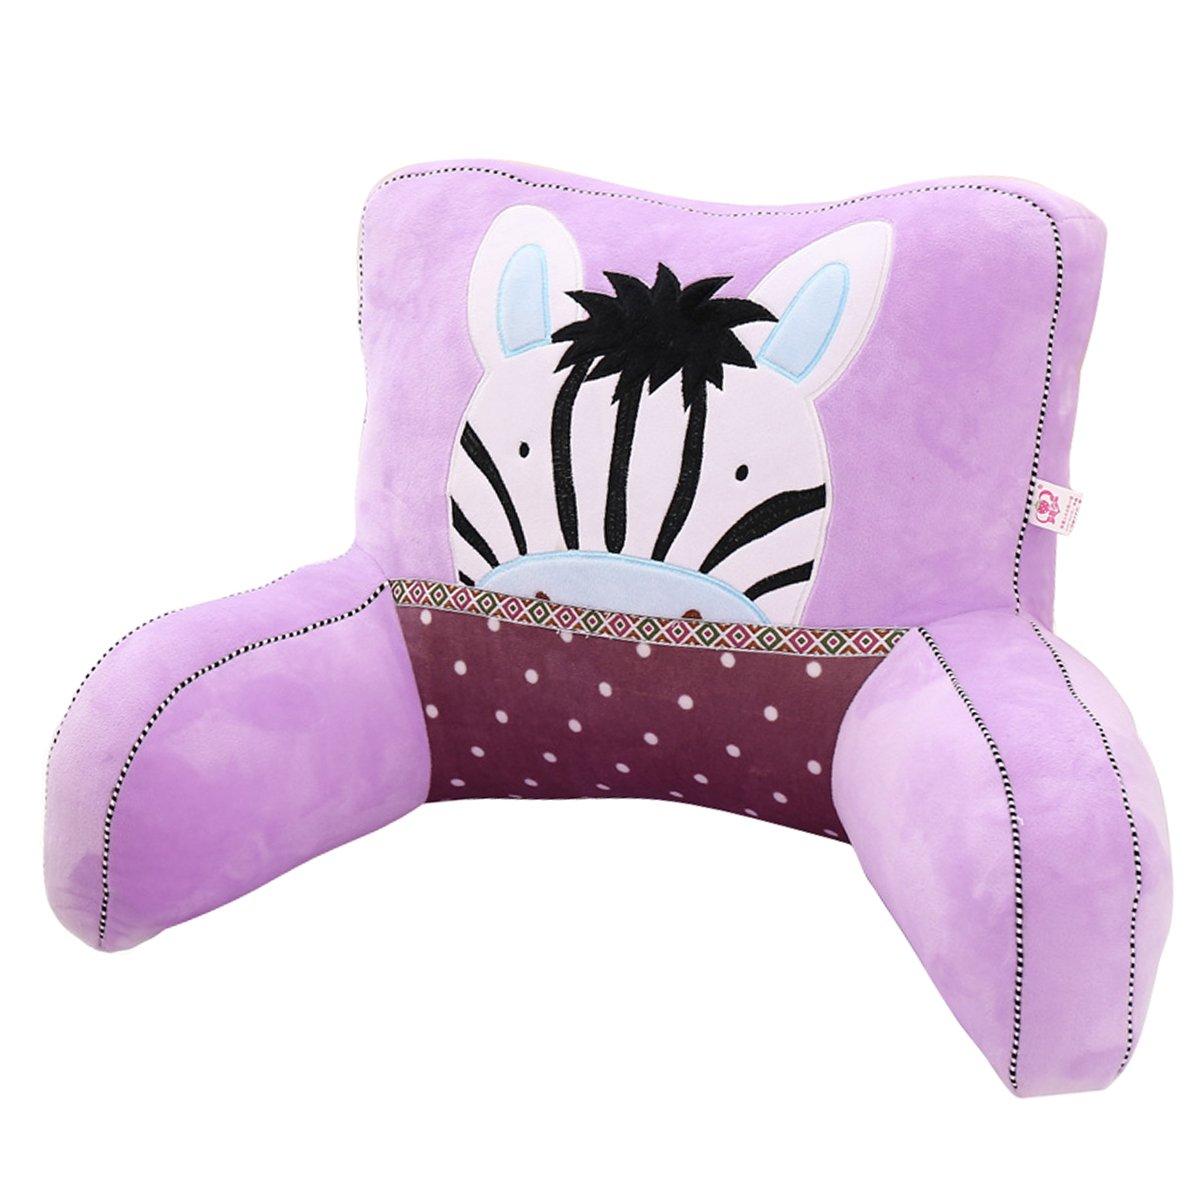 Adorable Purple Zebra Lumbar Support Backrest Pillow Waist Seat Back Cushion Pillow in Home Office School Car